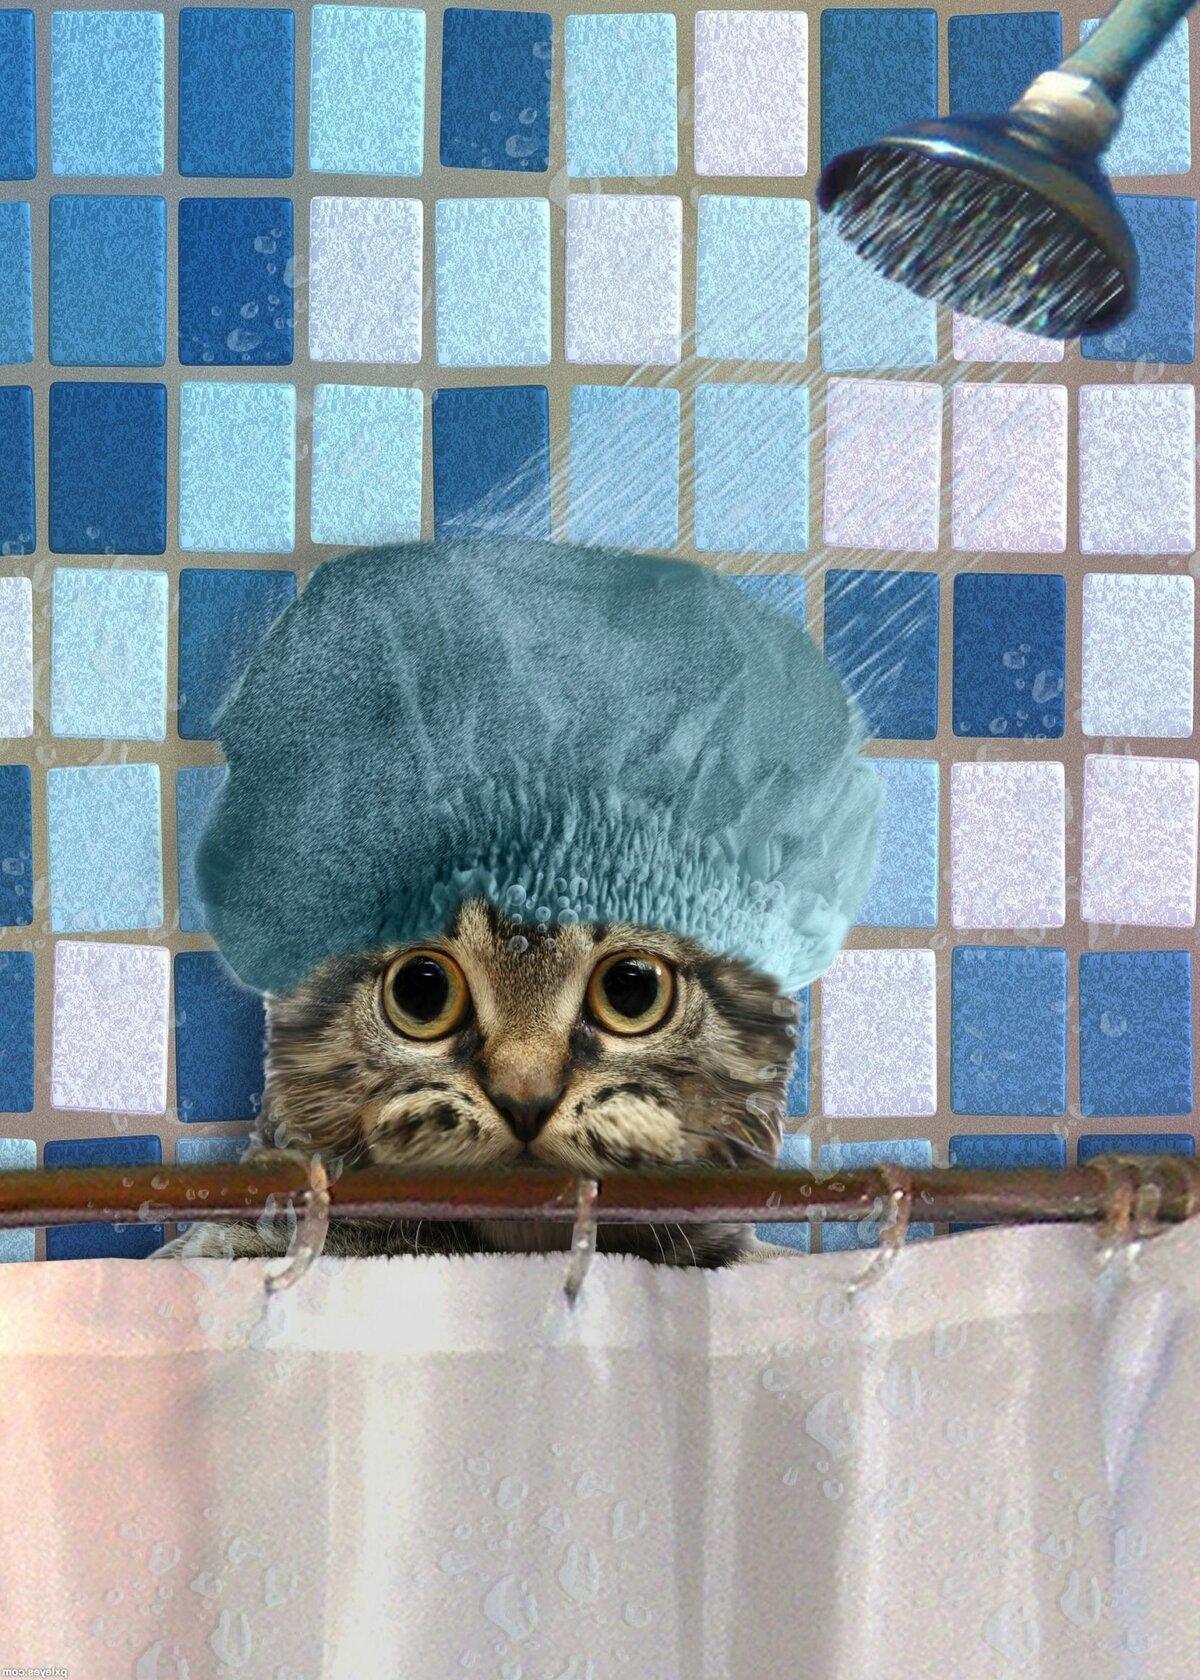 с добрым утром картинки с котом и гнездом на голове овощей грядки